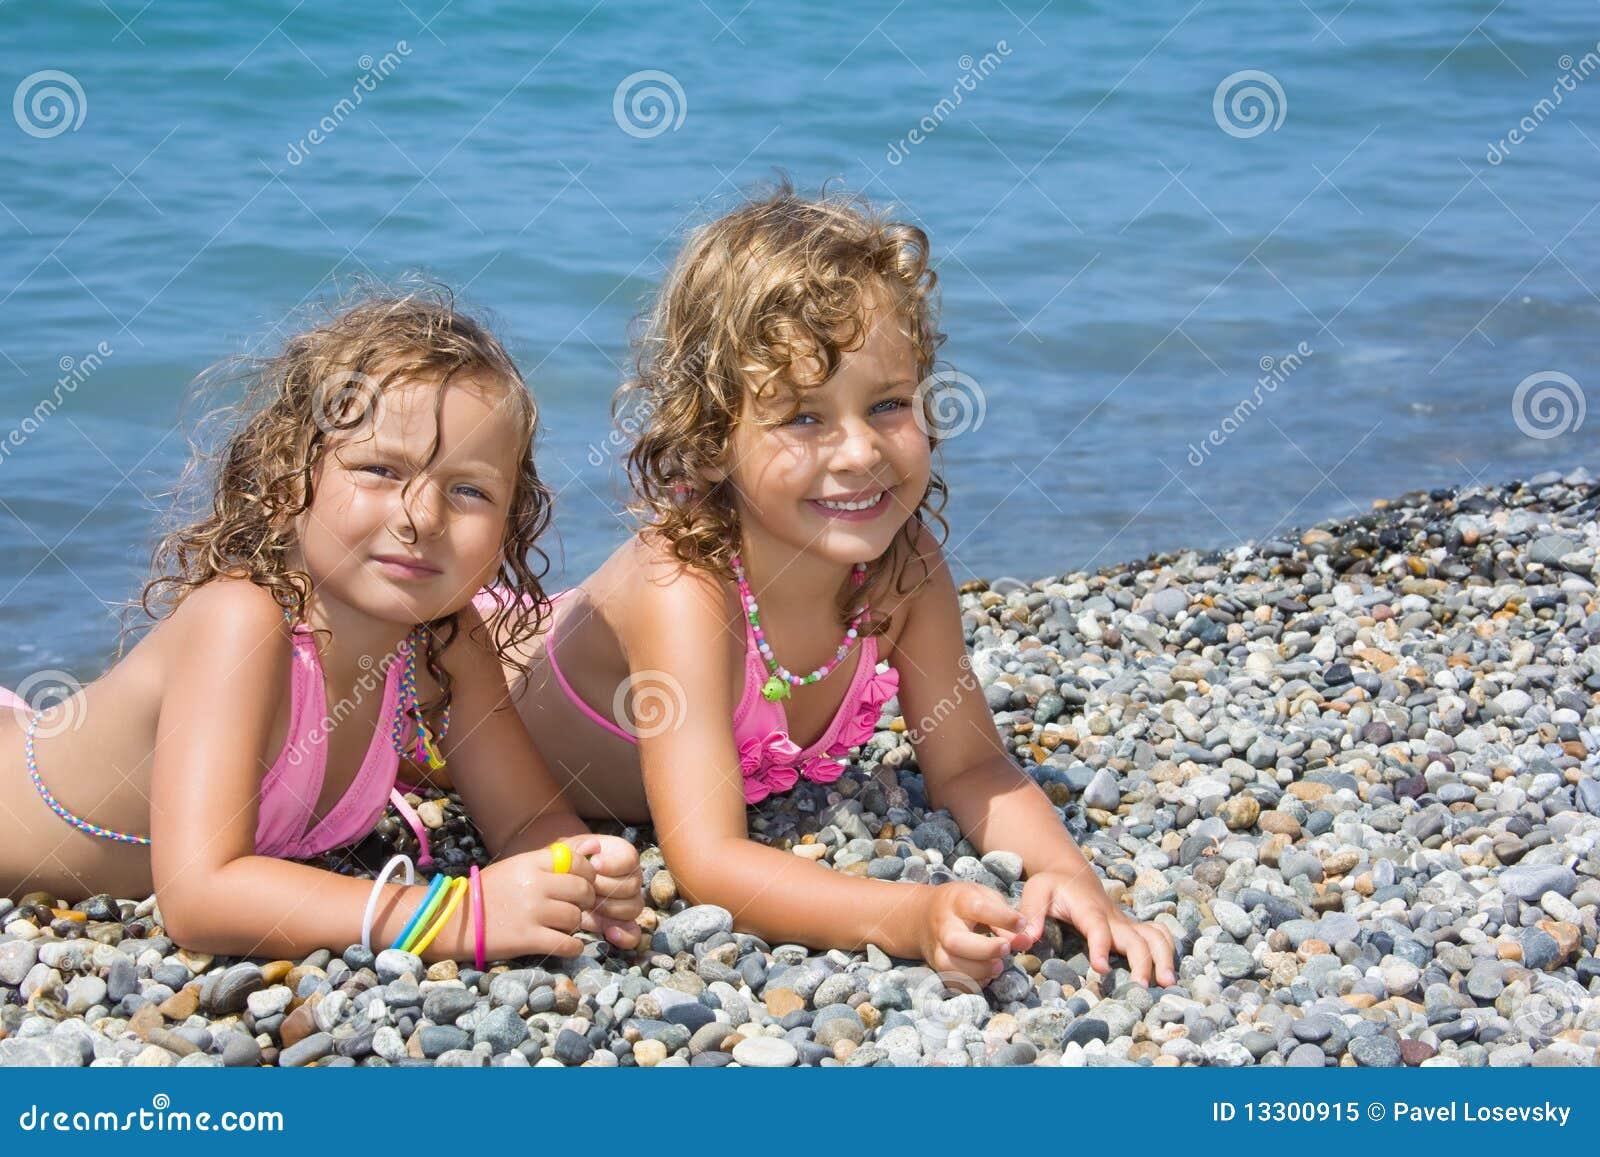 Meisjes Die Op Het Strand Zonnebaden Stock Afbeelding